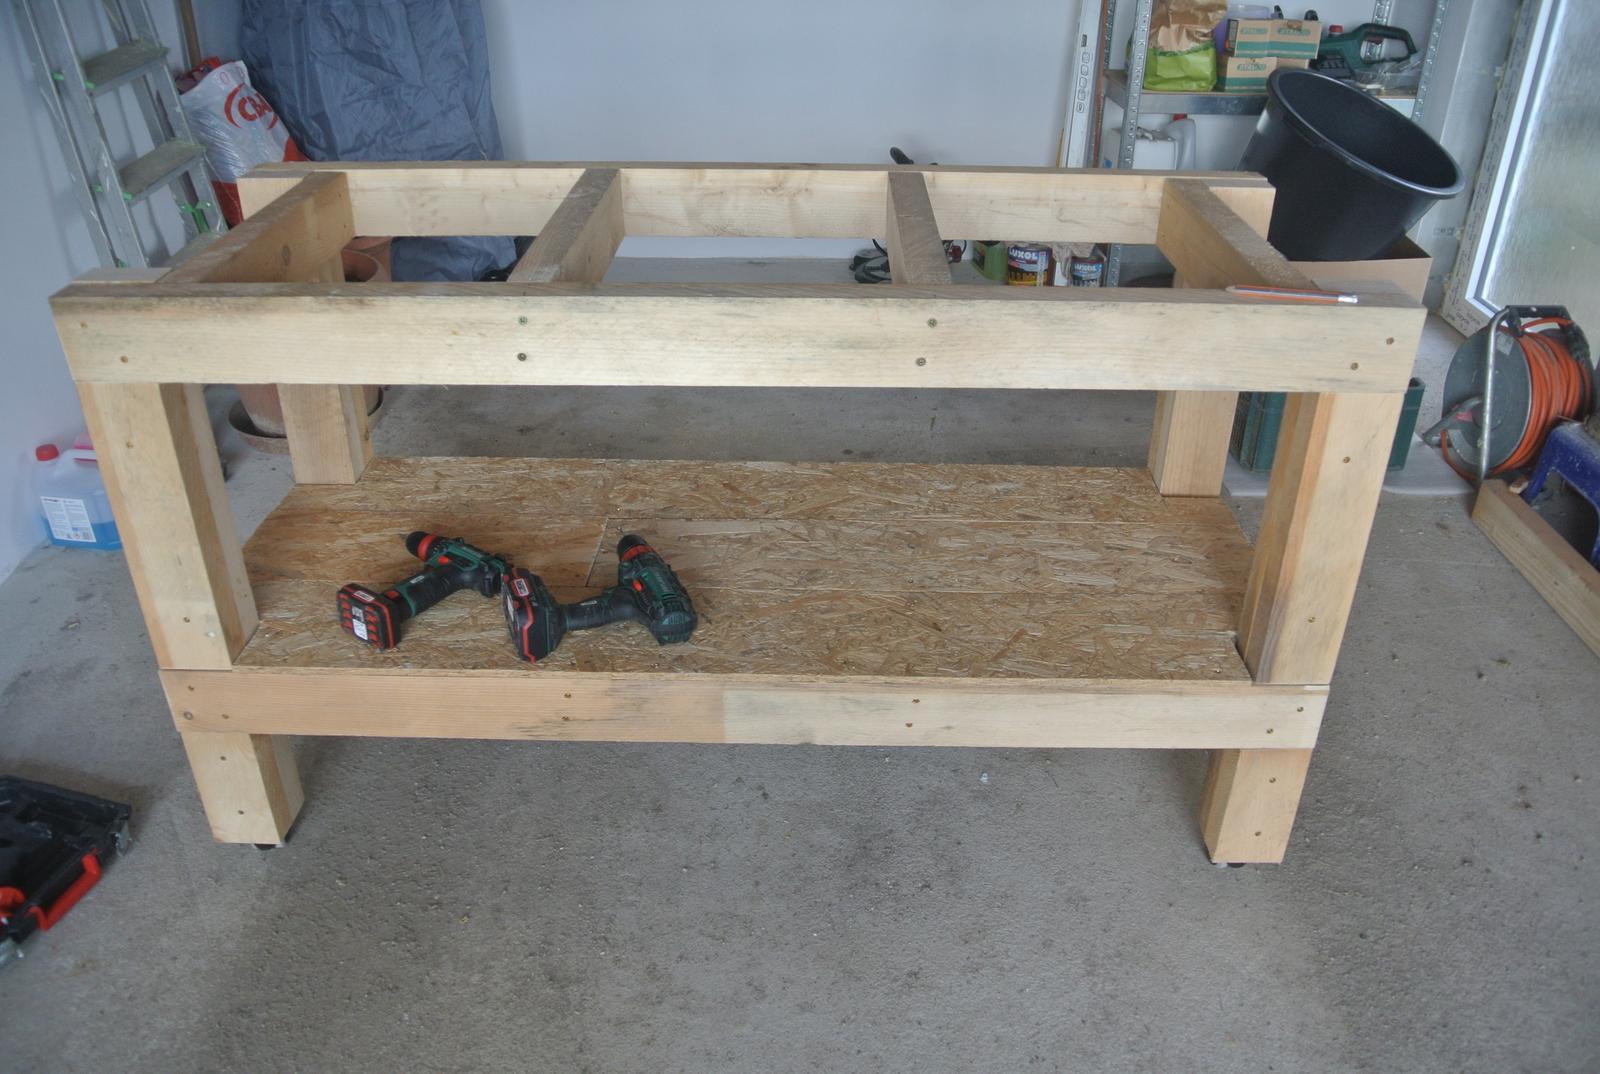 Moje tvorenie z dreva - Horné výstuhy namontované.